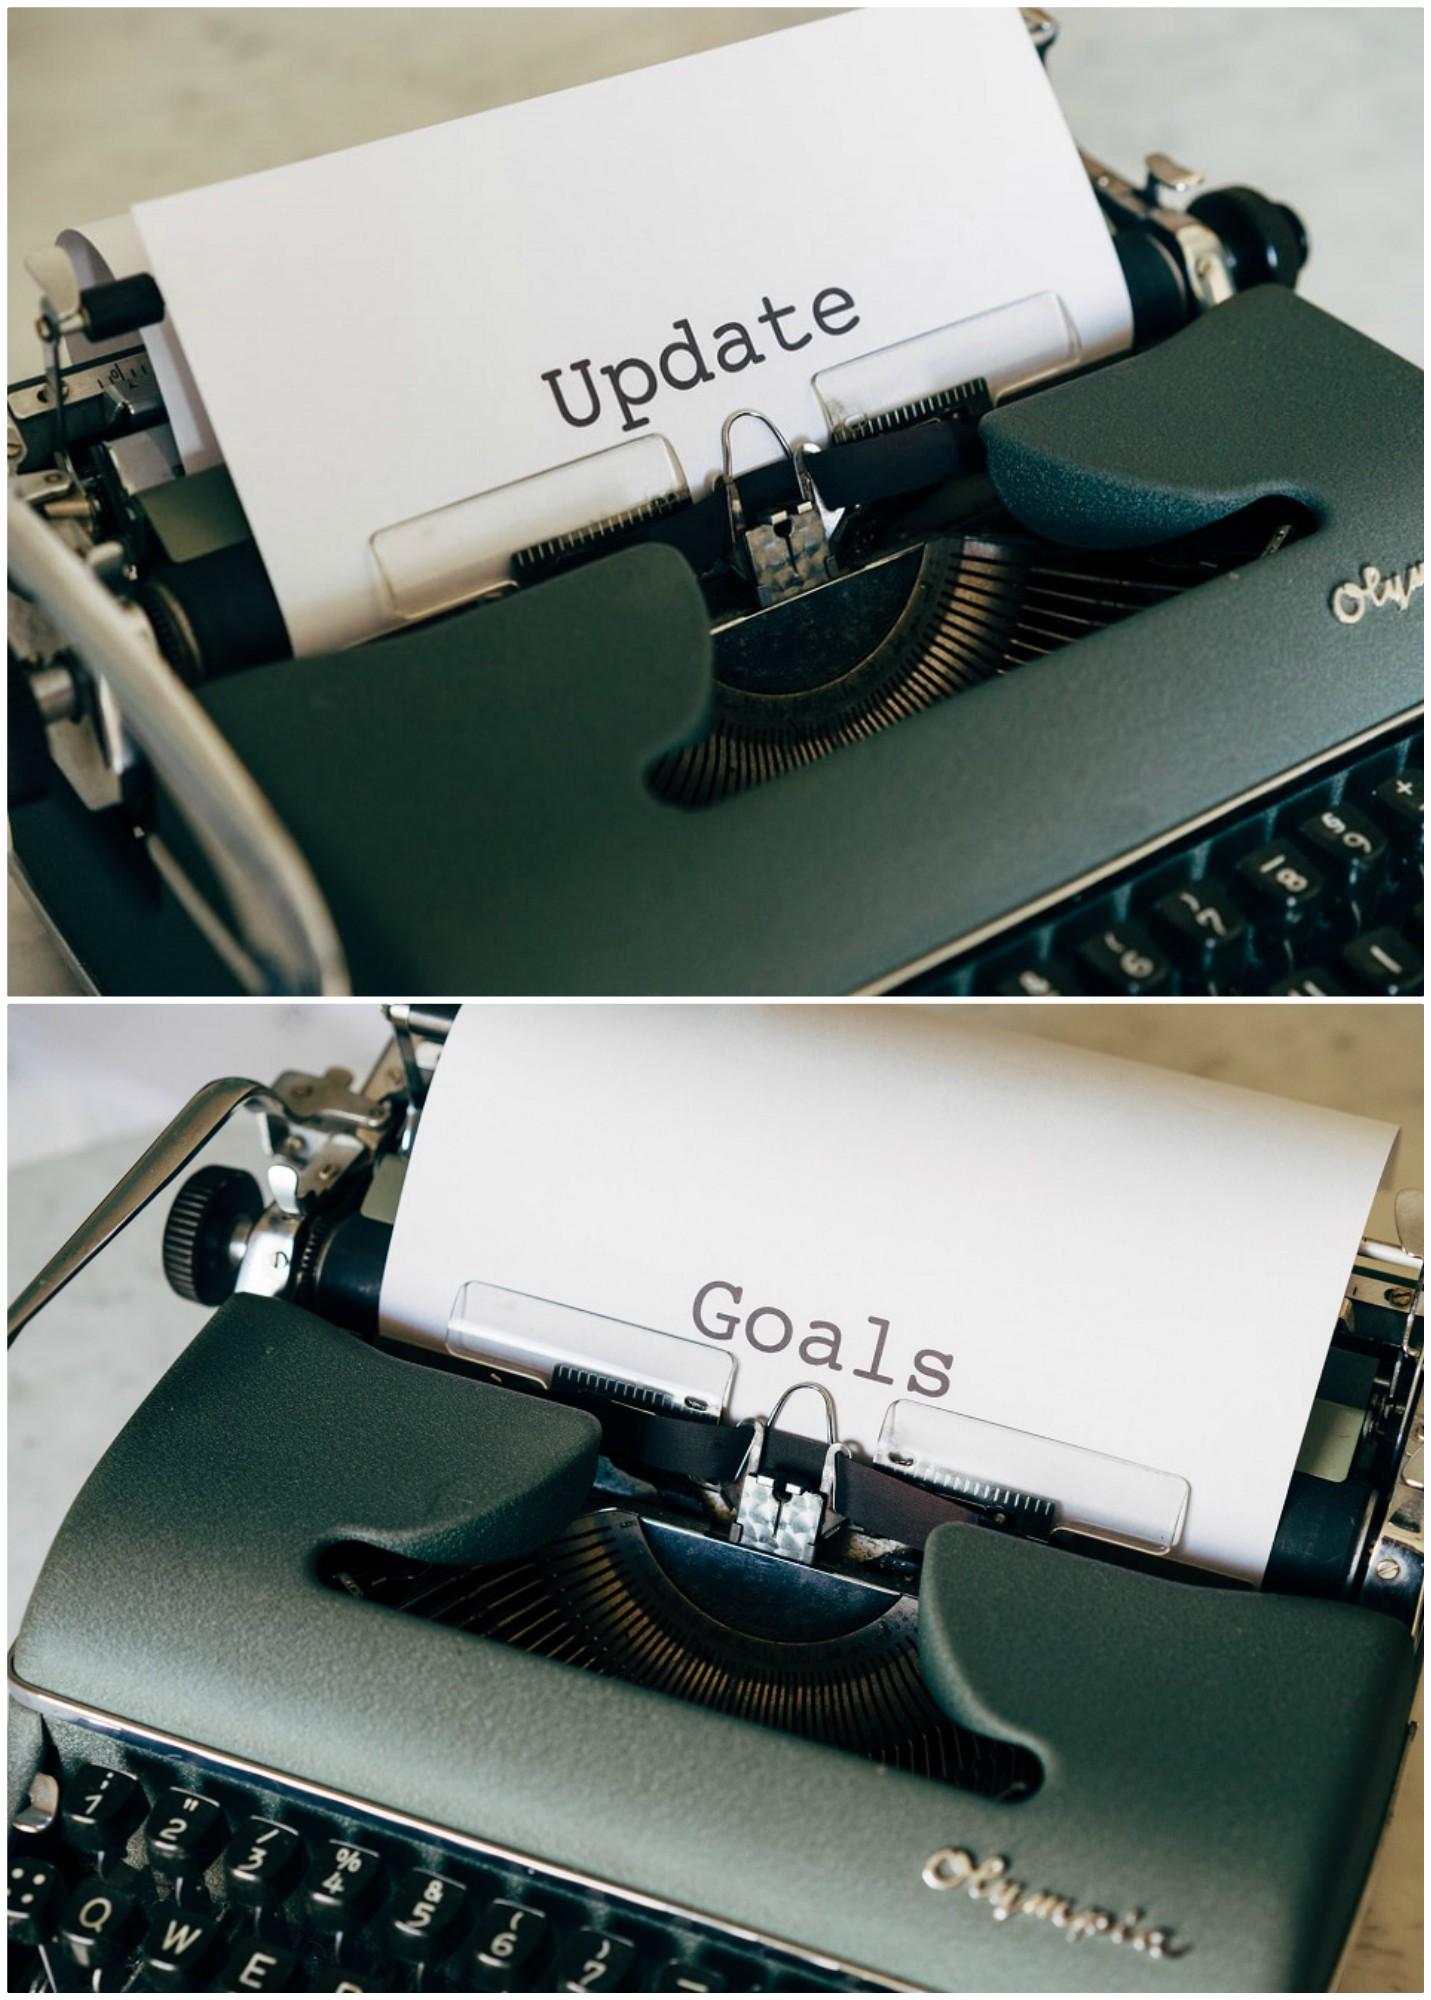 Update & Goals aus der Schreibmaschine